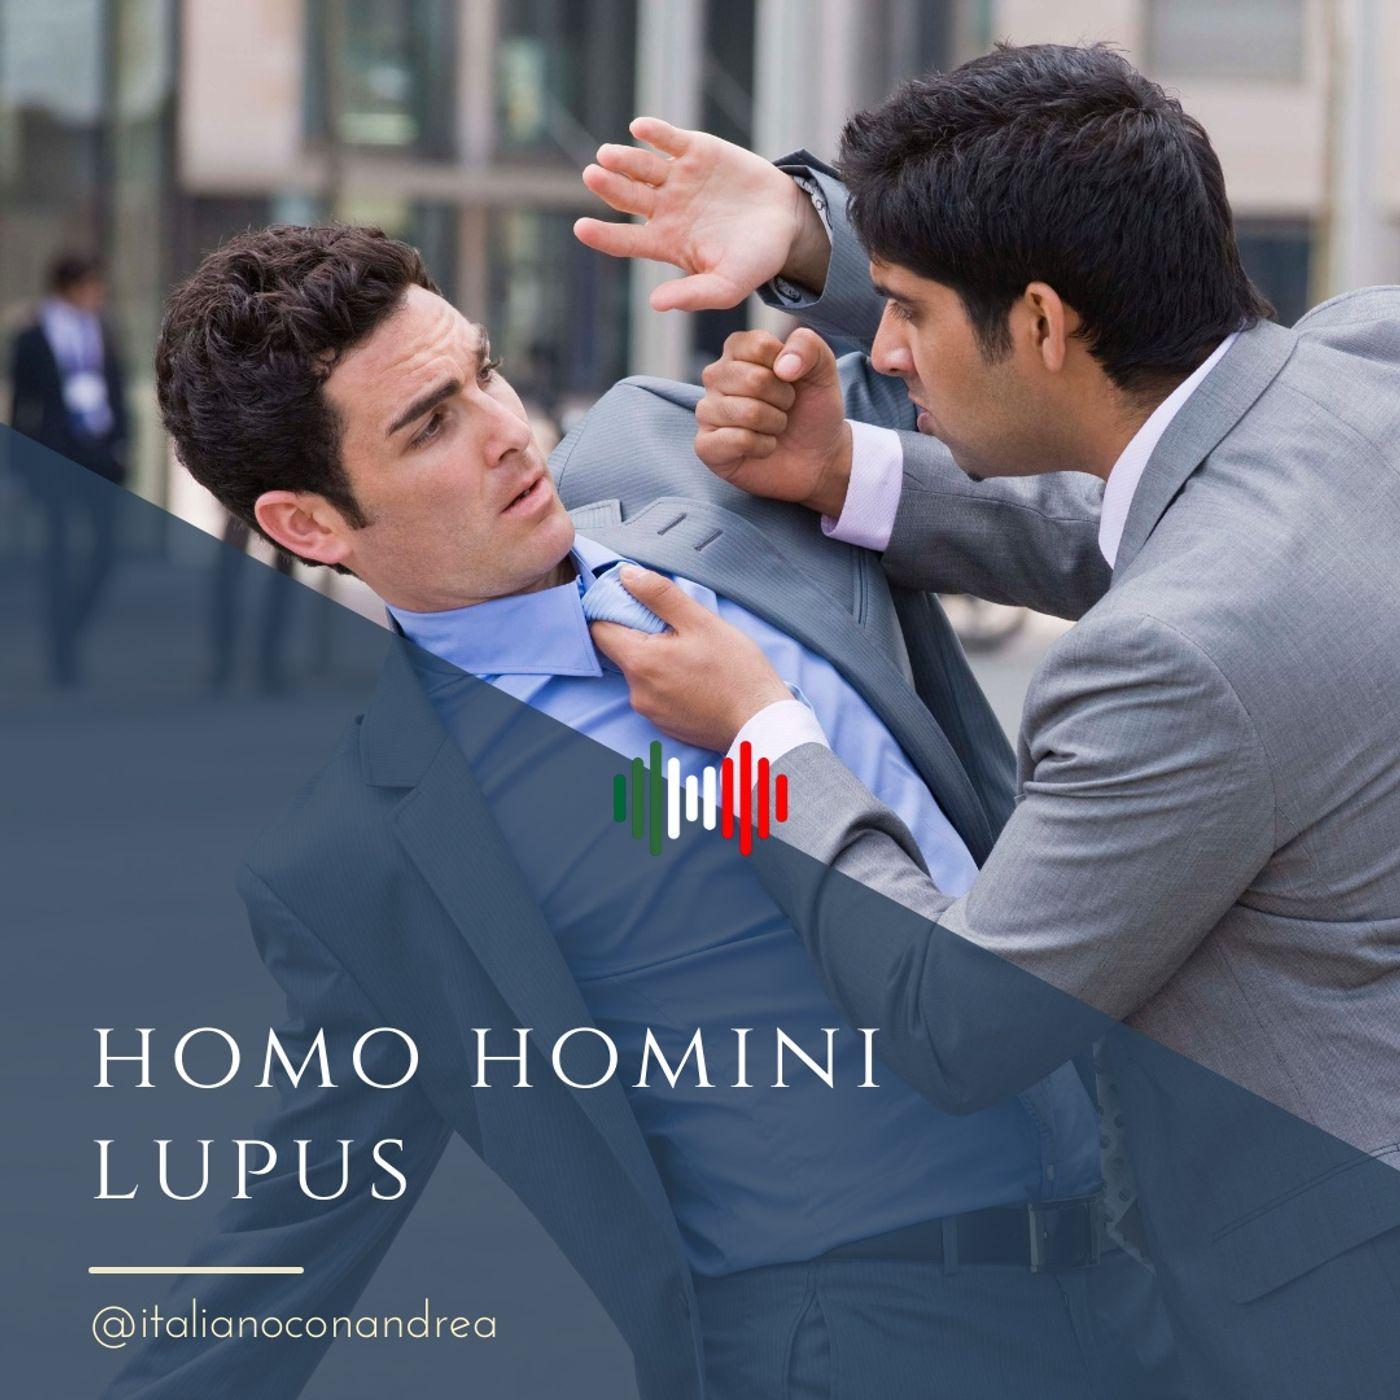 301. ESPRESSIONE: Homo homini lupus